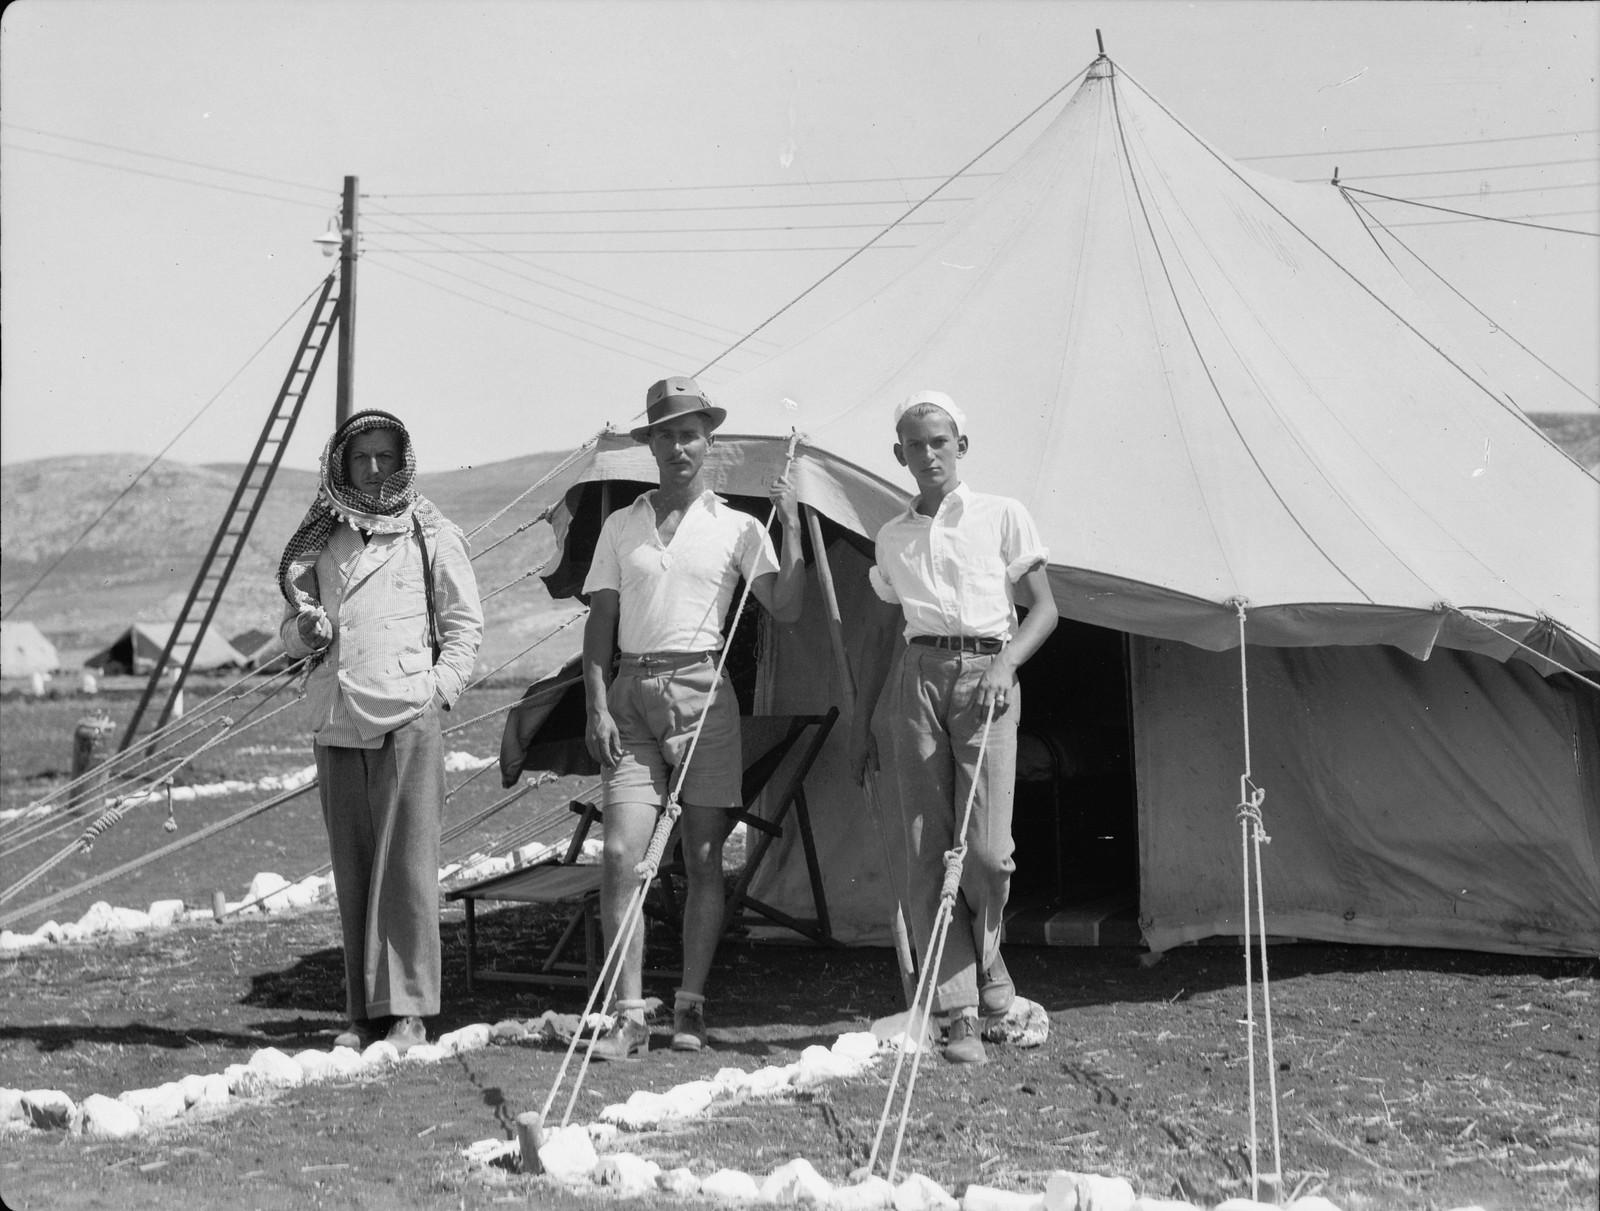 01. Управляющий лагерем строителей возле своей палатки